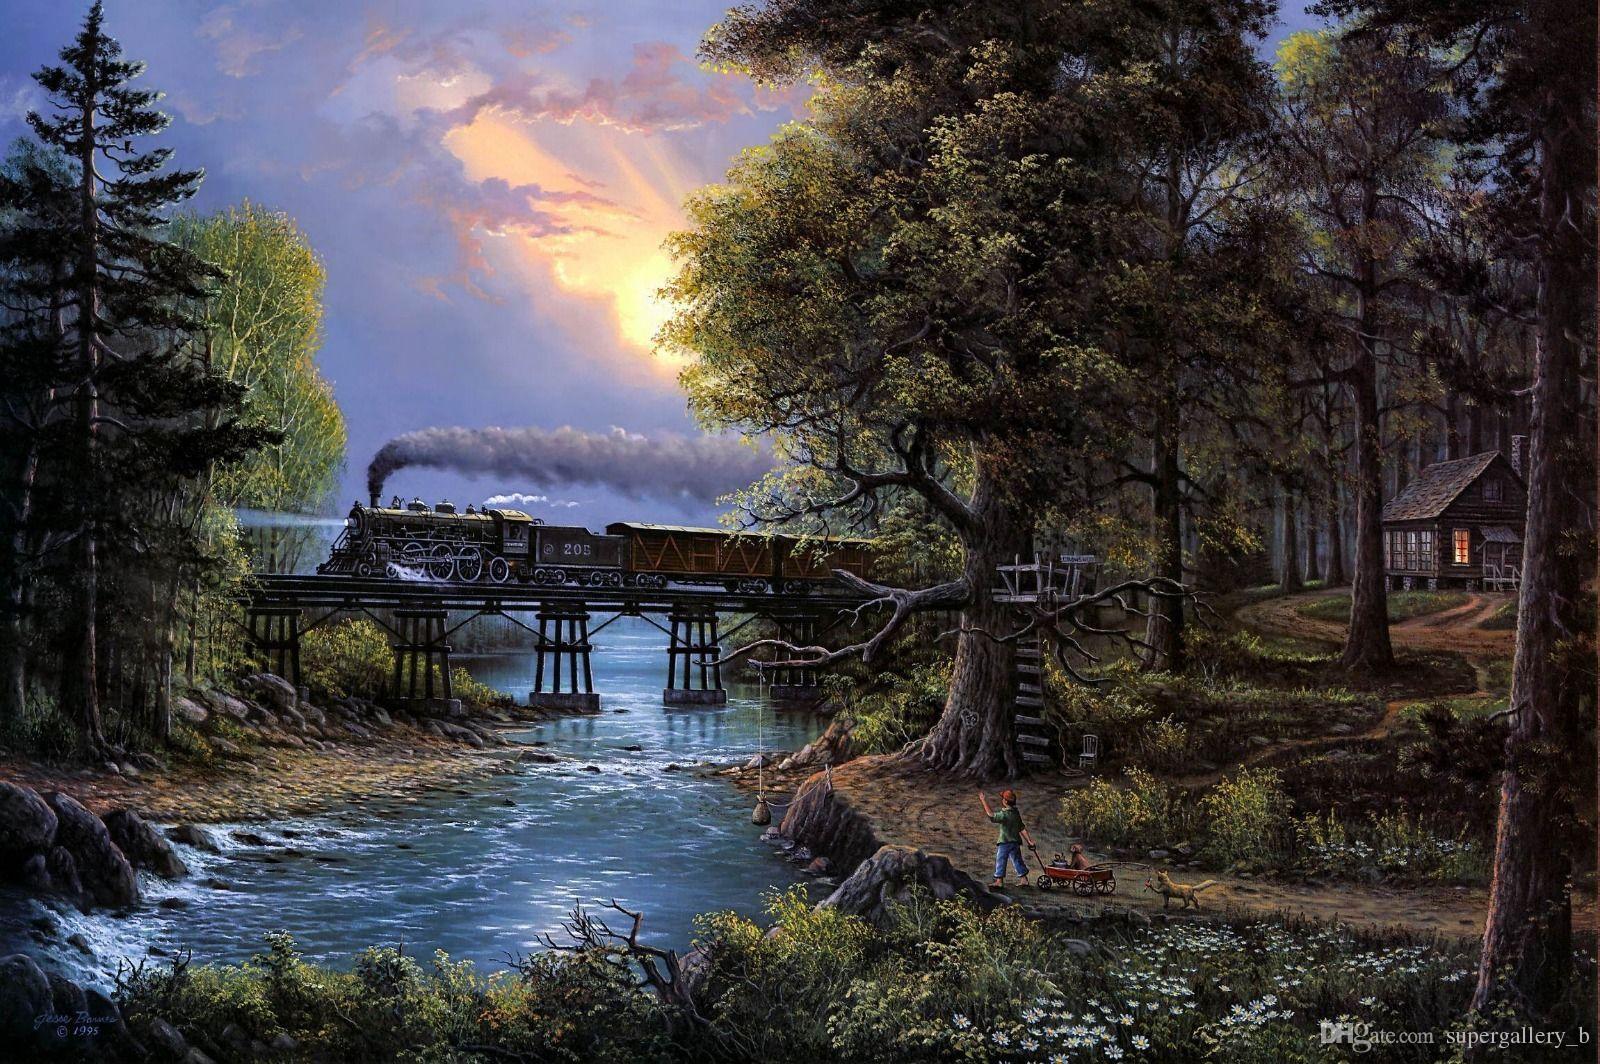 Acquista Jesse Barnes Il Treno E La Foresta Hd Stampa Artistica